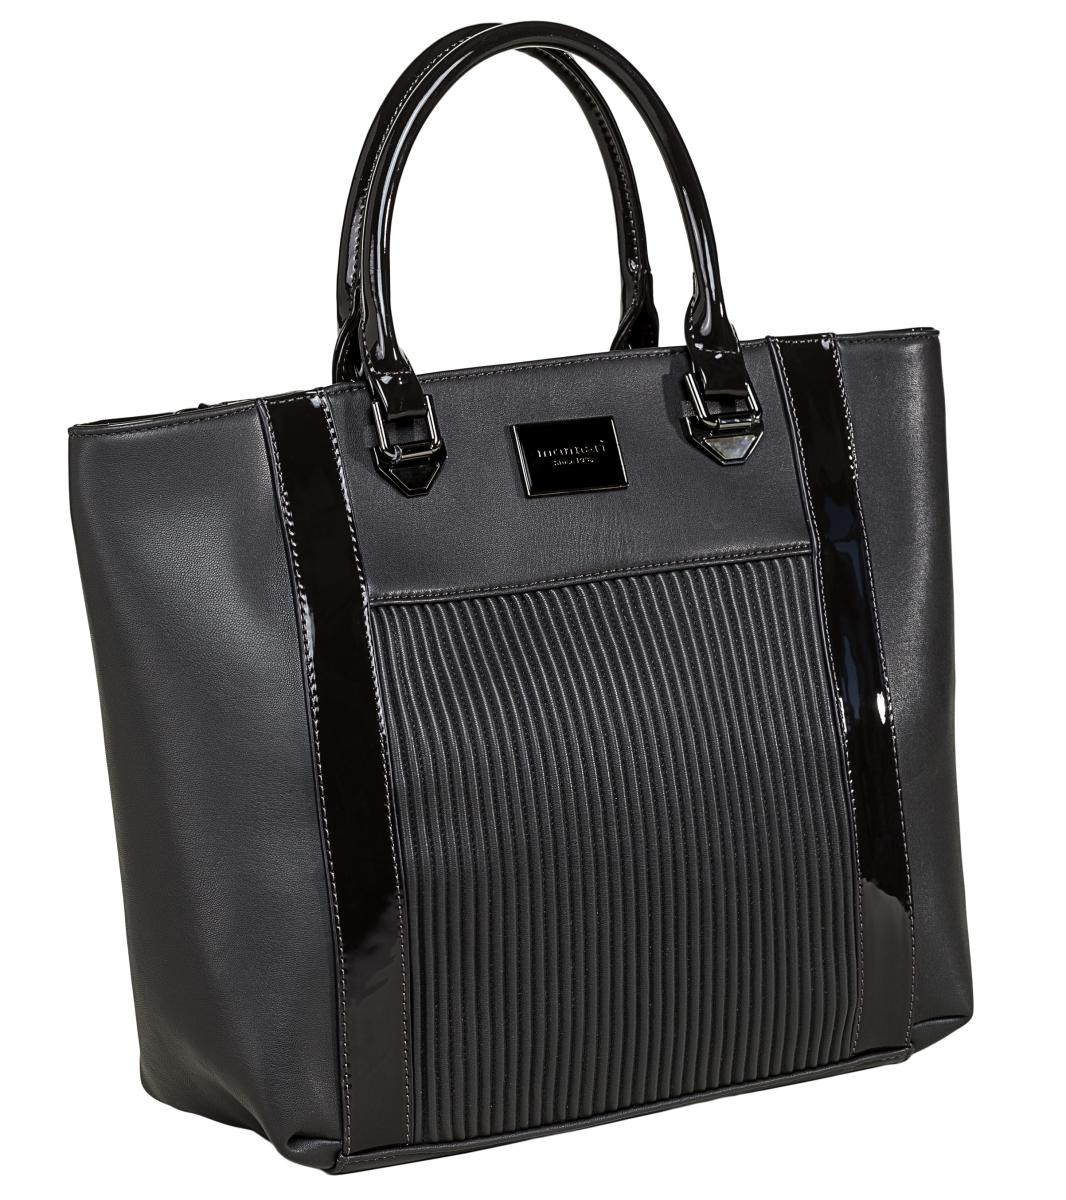 Monnari kabelka s pruhy, černá